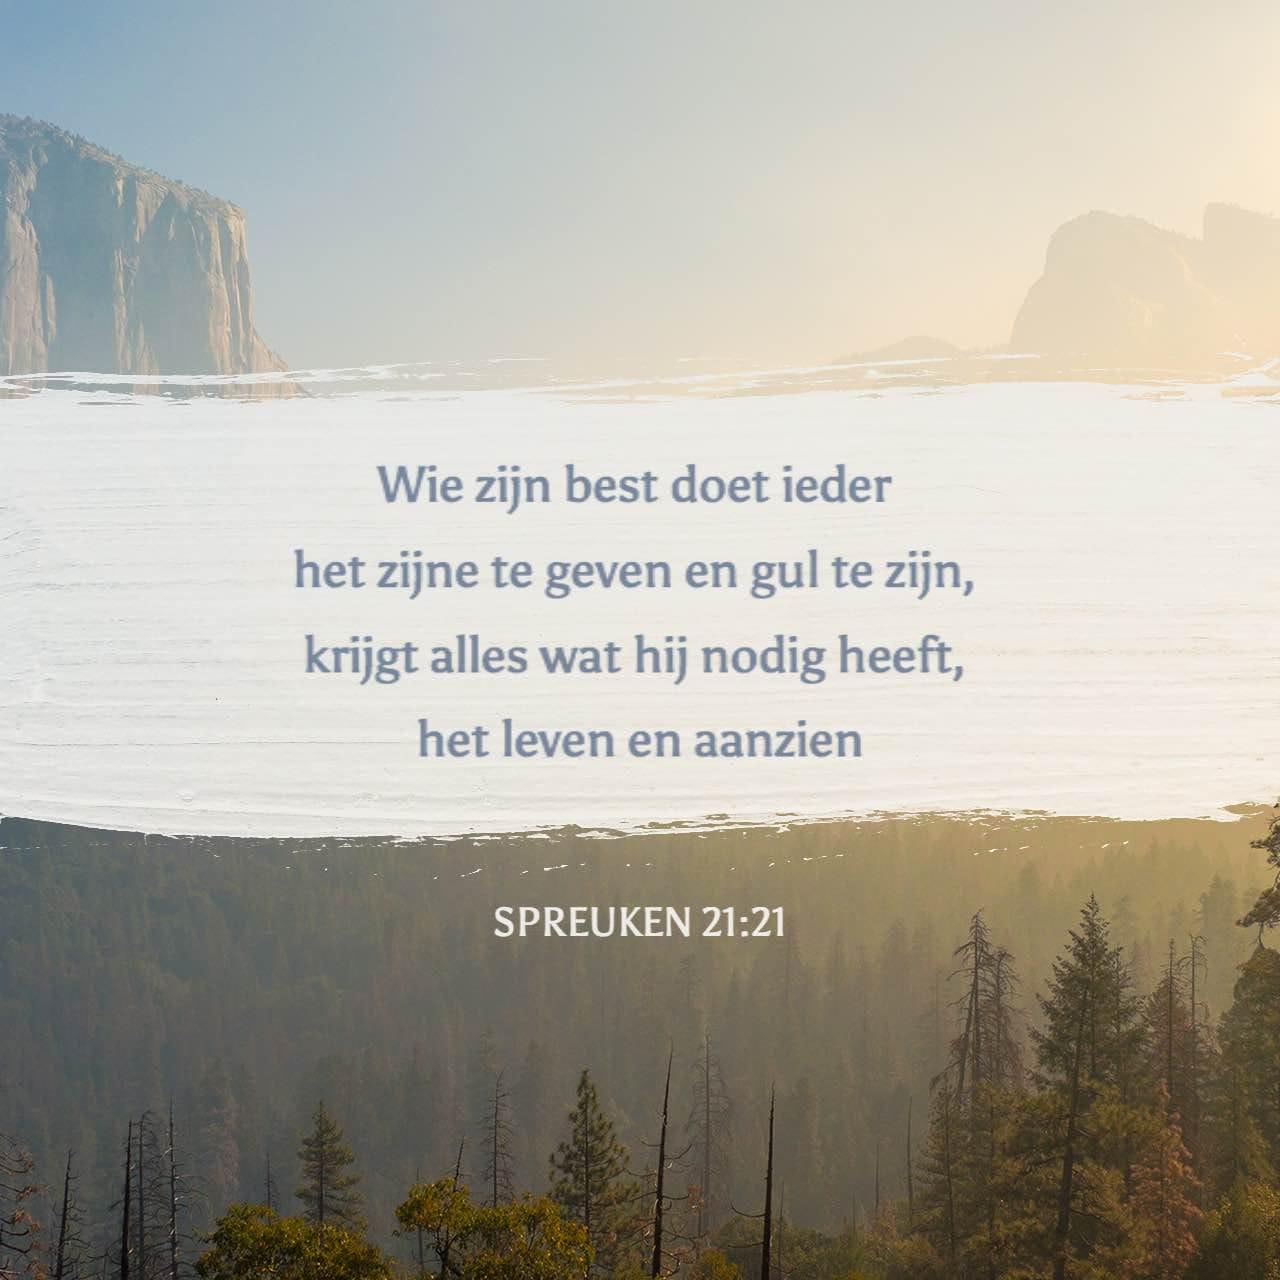 spreuken 21 Spreuken 21:21 Wie gerechtigheid en liefde najaagt, vindt leven  spreuken 21